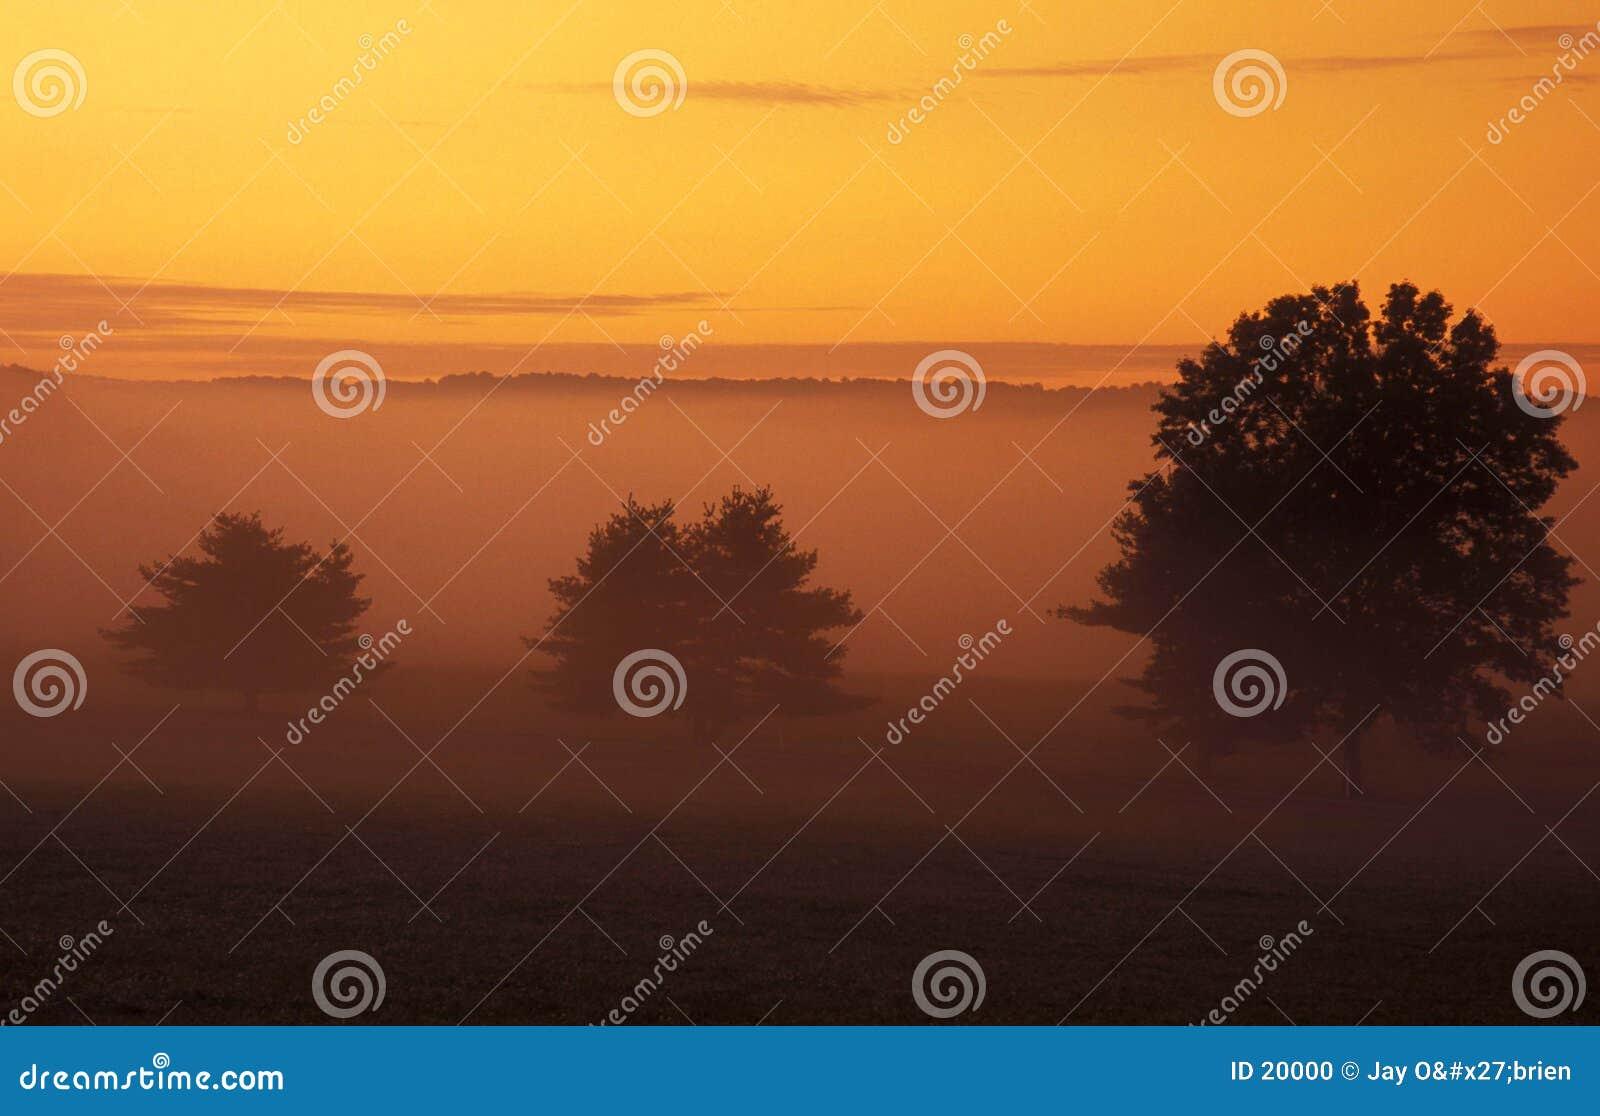 Bäume und Sonnenaufgang